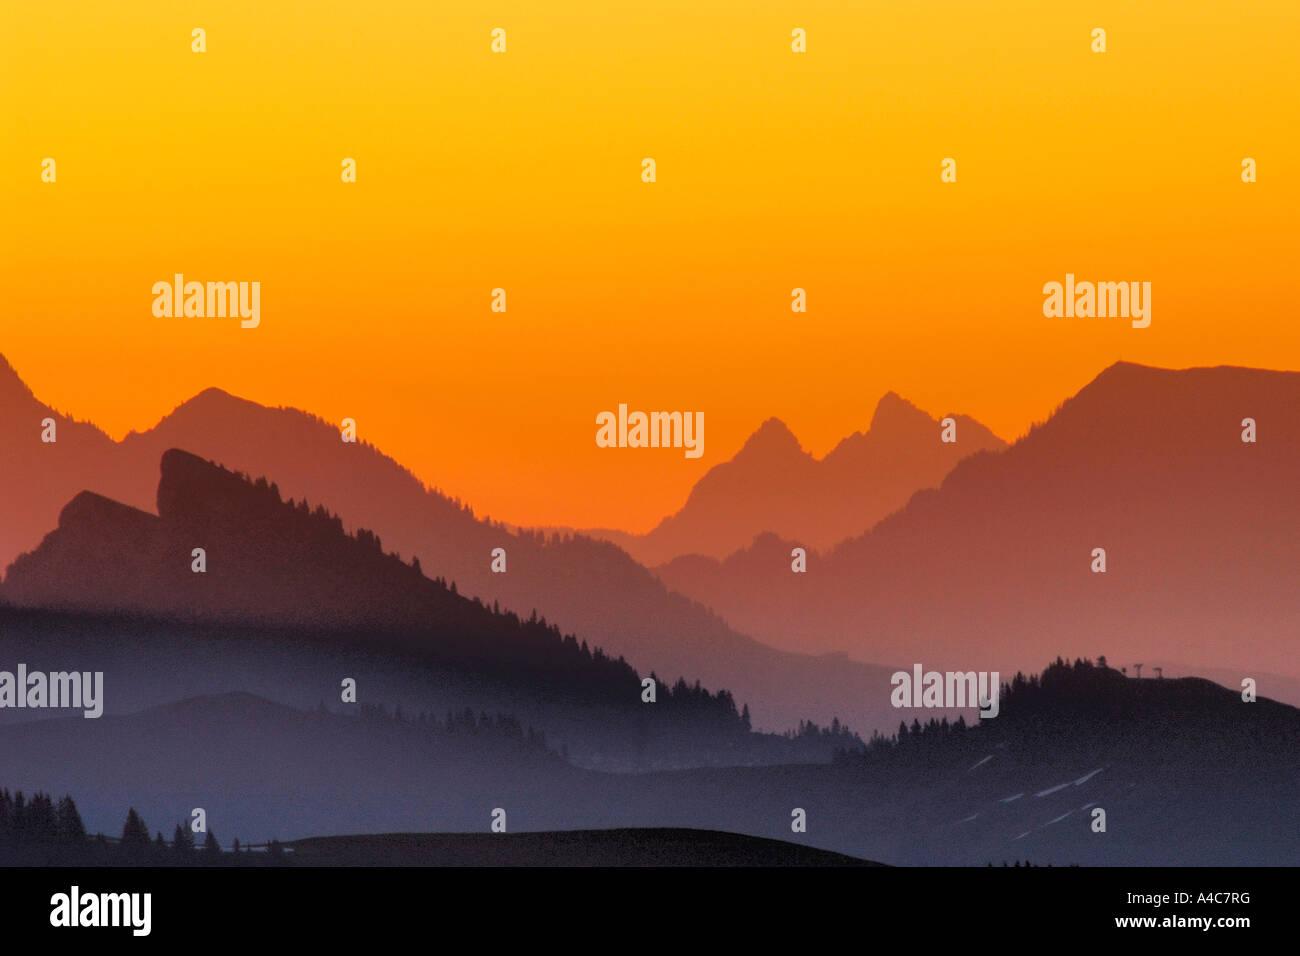 Amanecer en los Alpes. Suiza, Berna Oberland bernés, Agosto Imagen De Stock